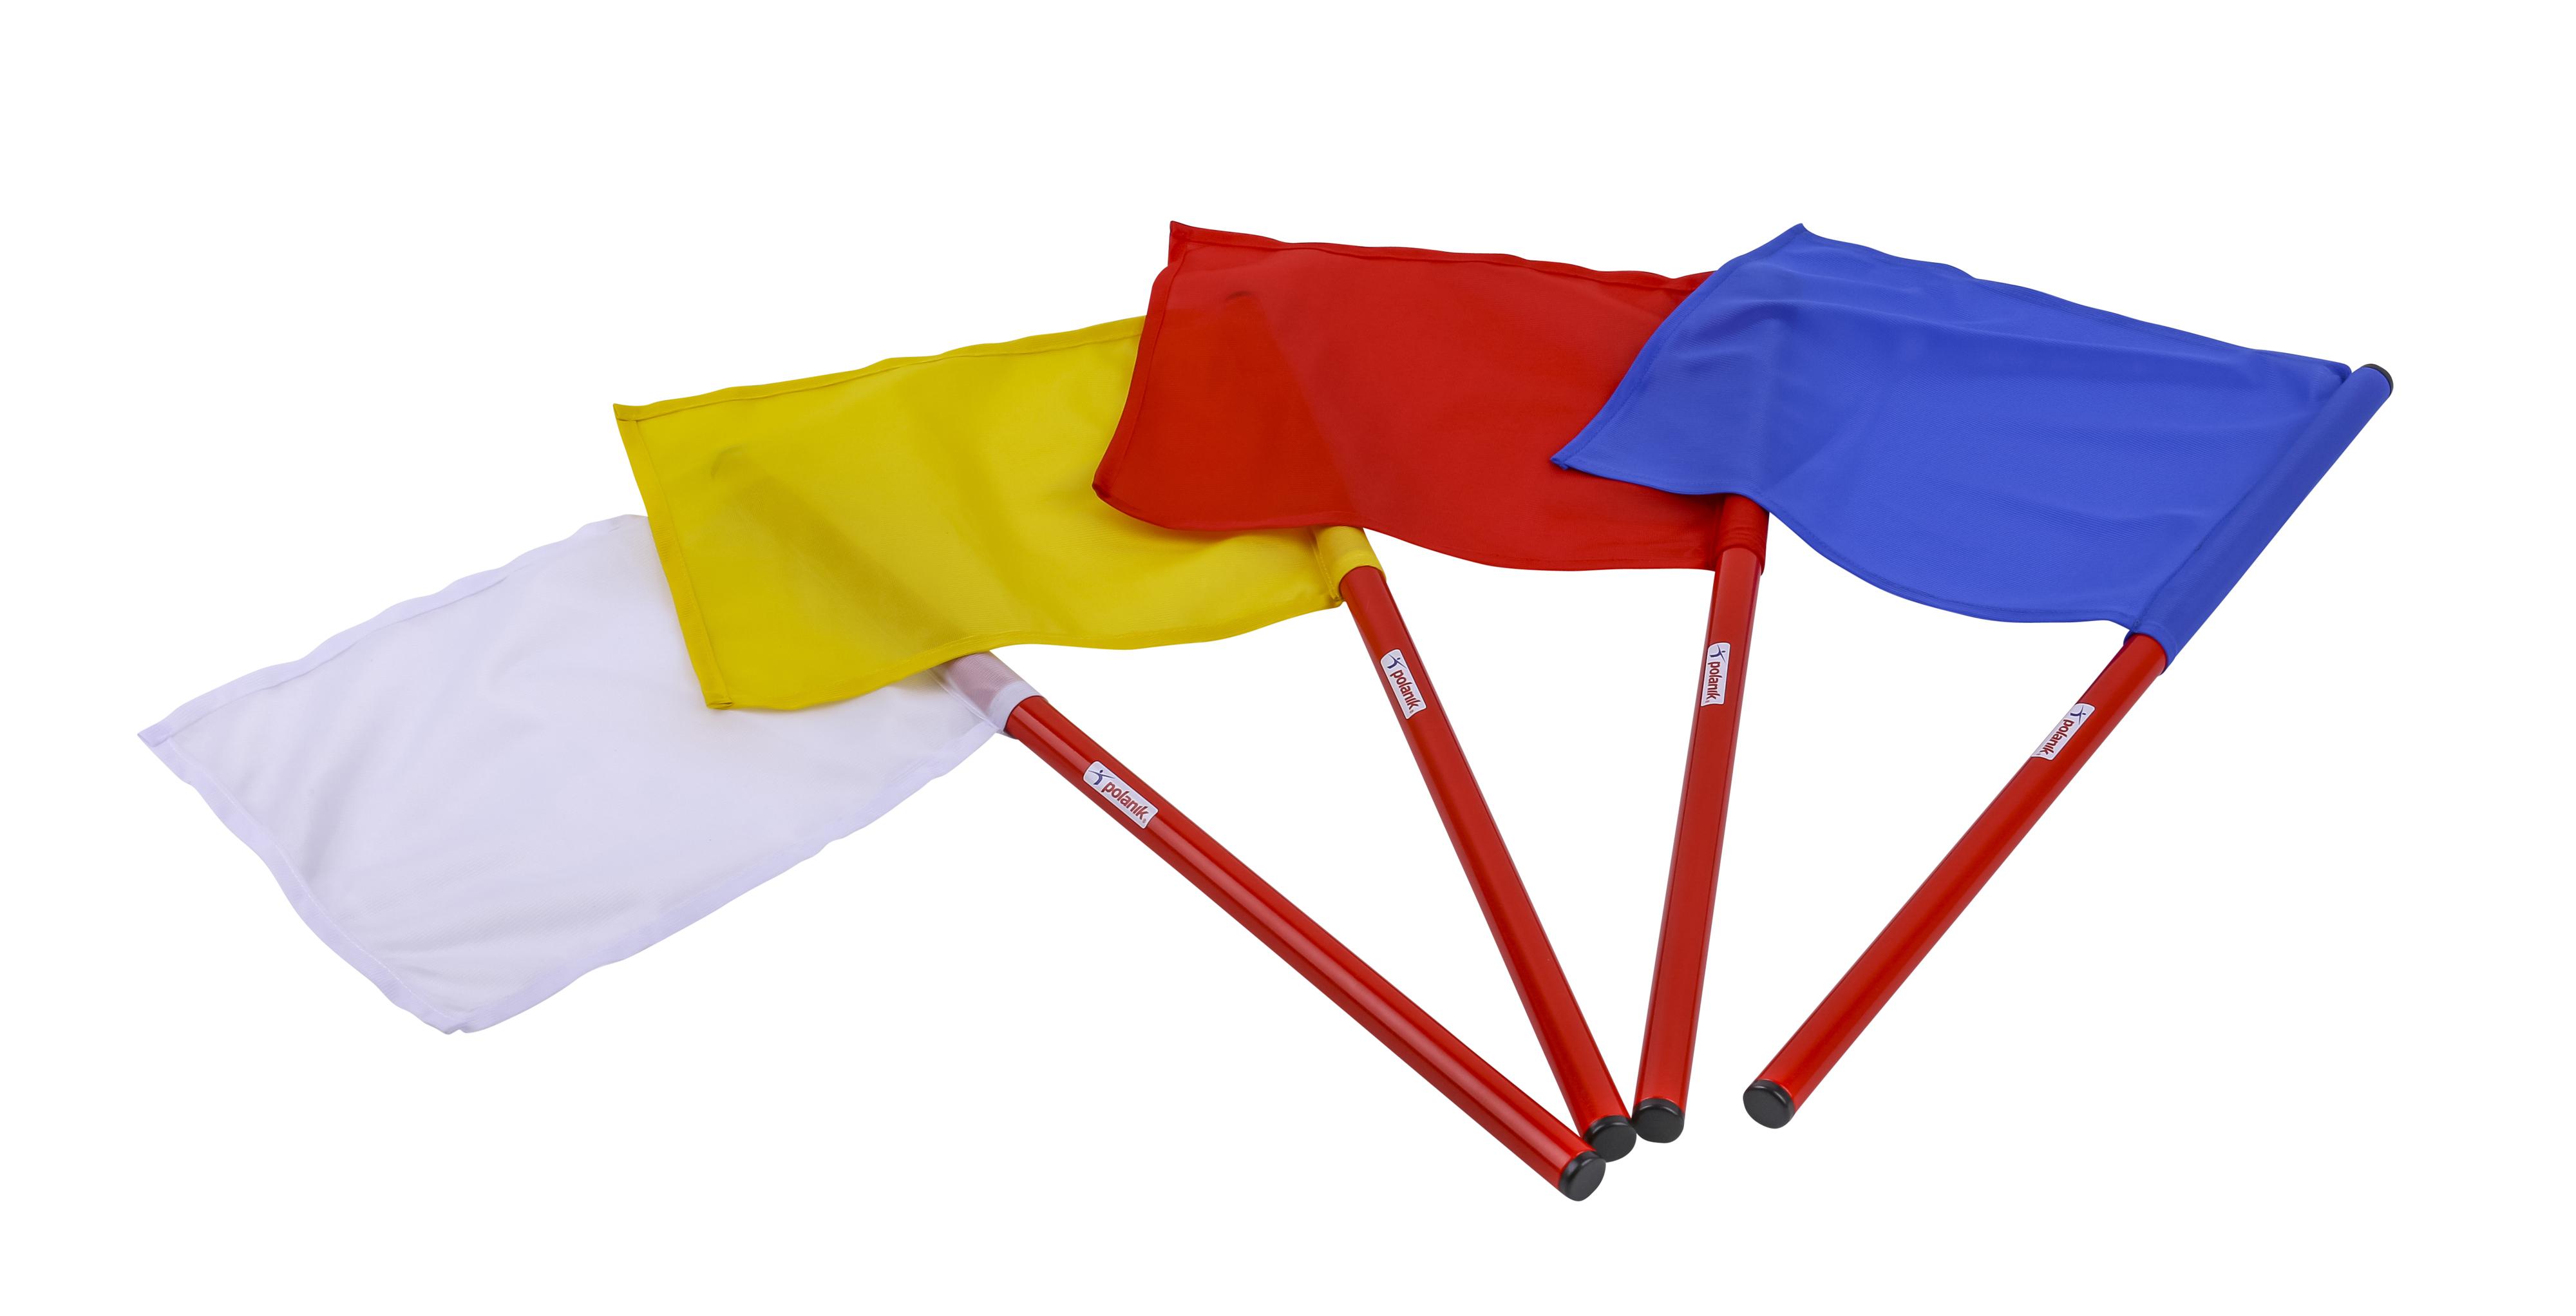 Blau POLANIK Kampfrichterfahnen Weiß Gelb Fahnen für Kampfrichter Rot